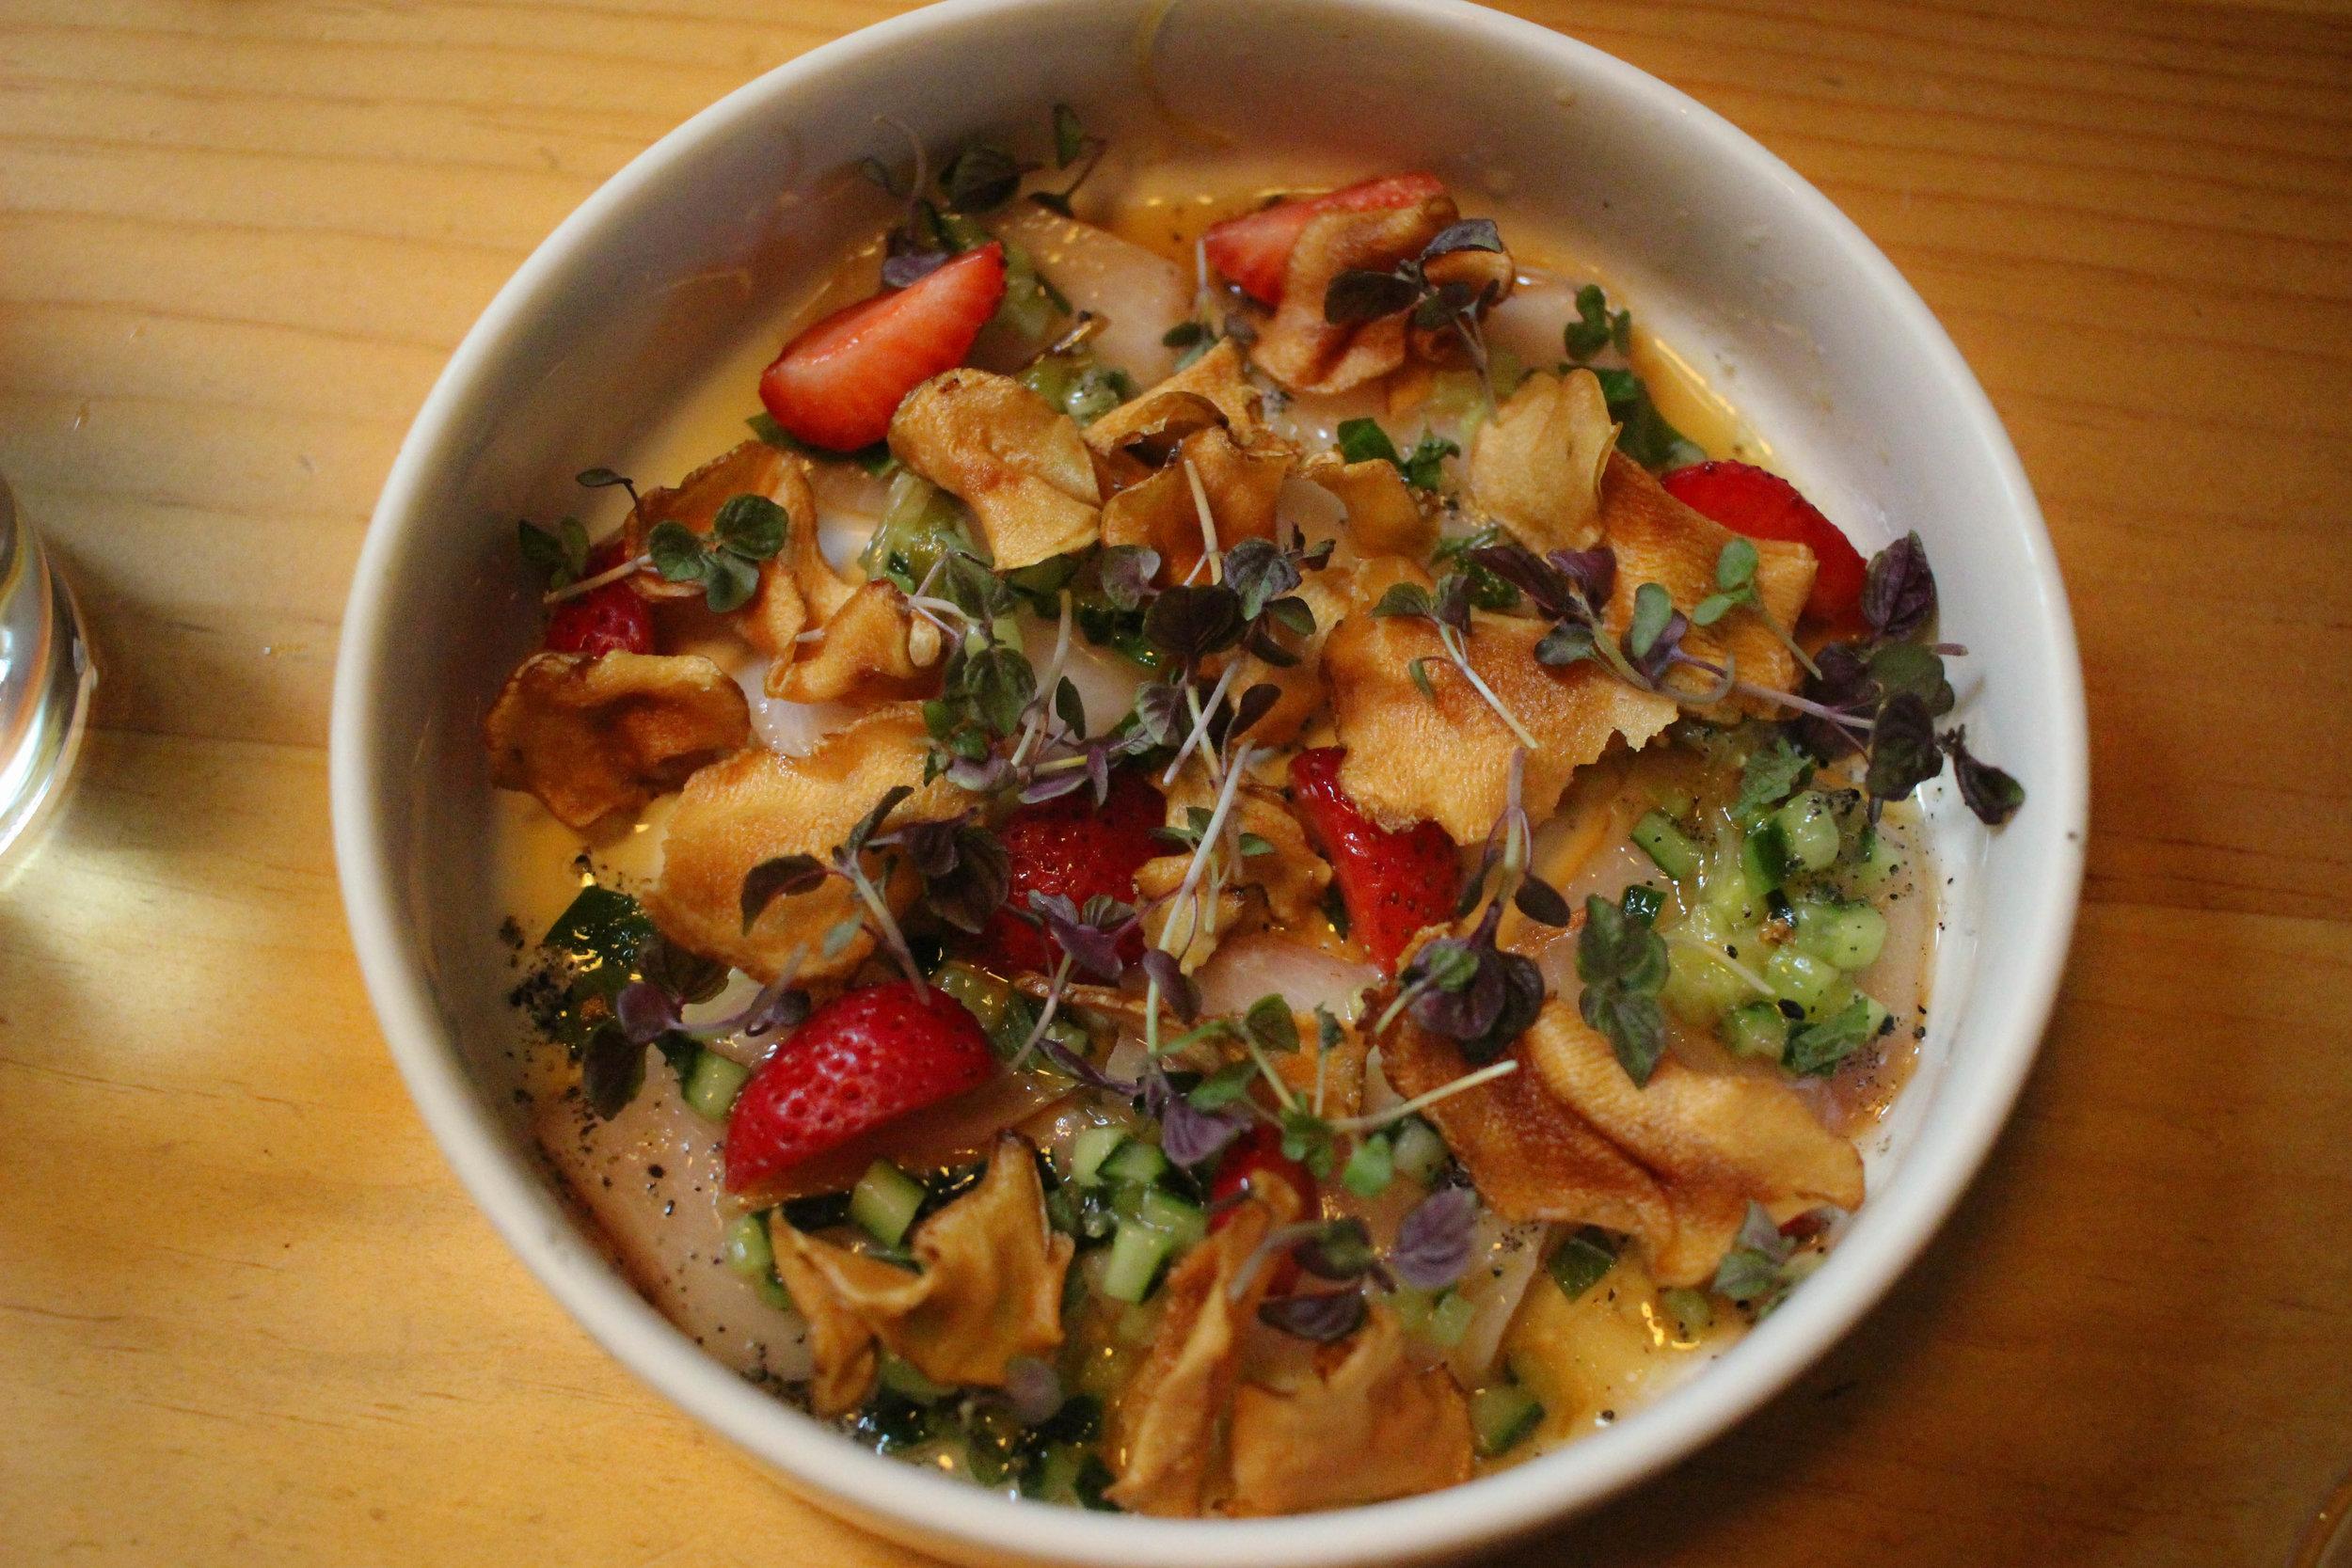 Yellowtail sashimi, shiso, wild strawberries, white soy, crispy sunchokes